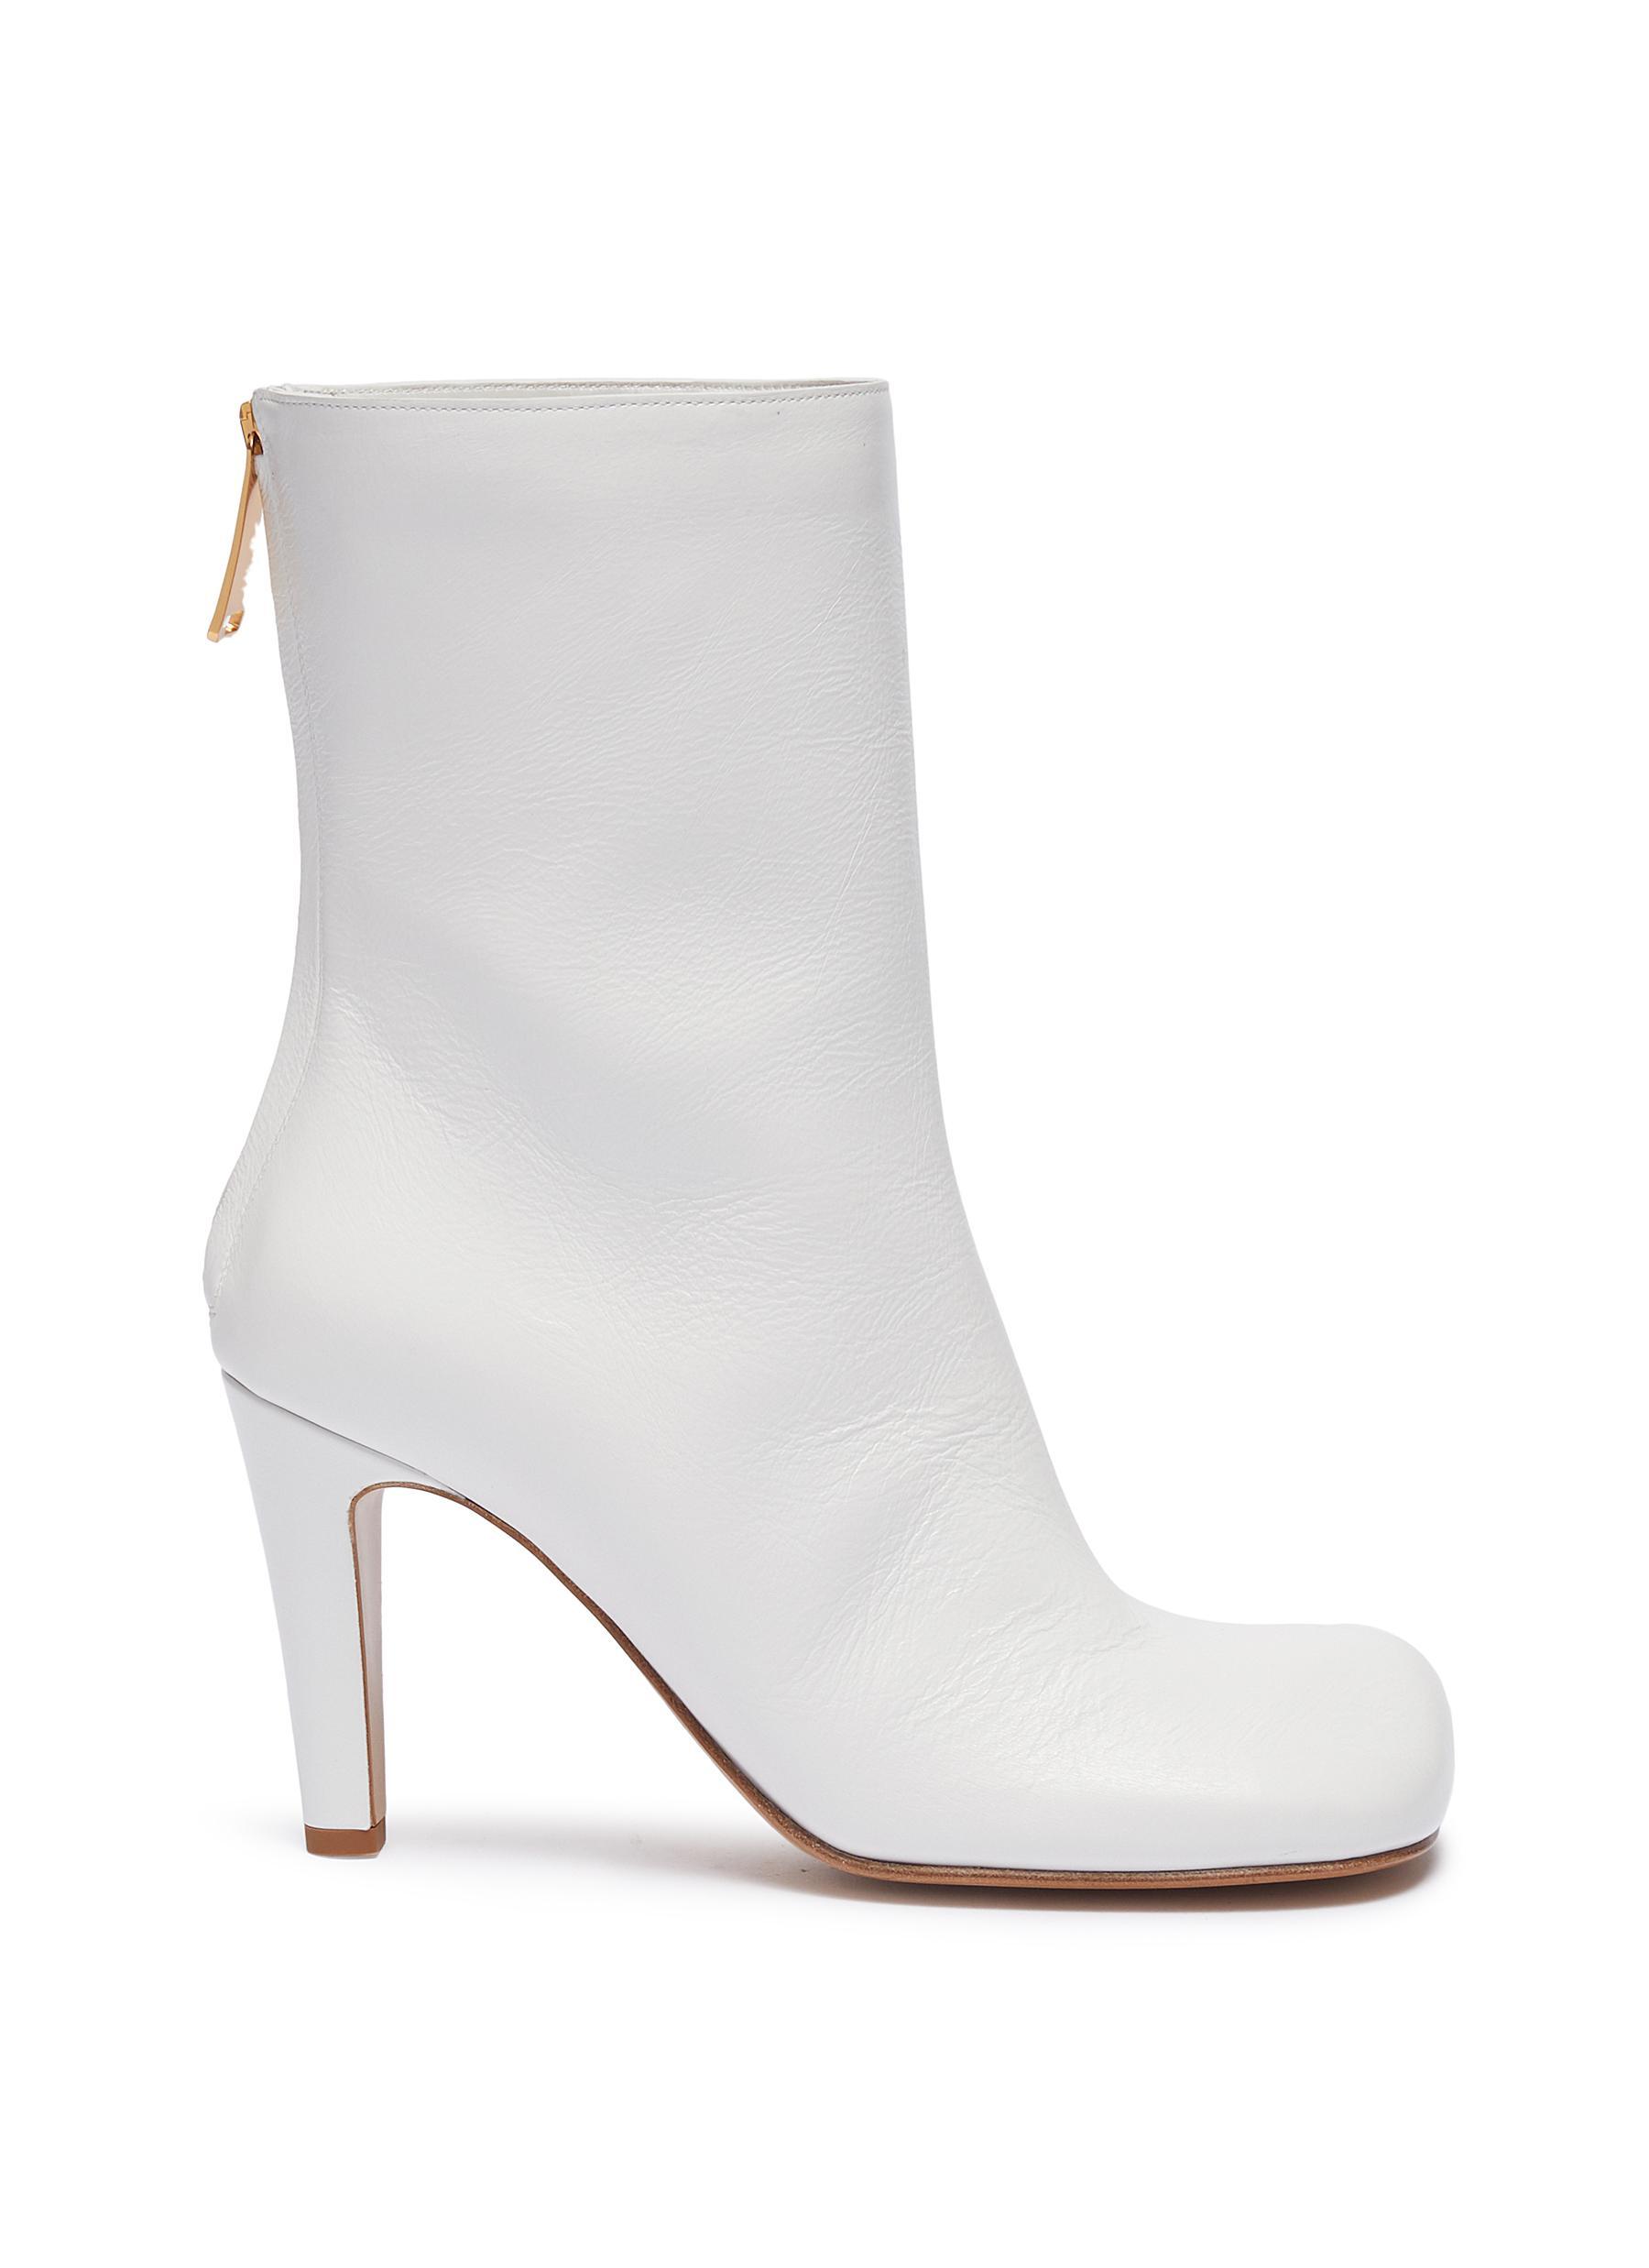 Square toe leather mid calf boots by Bottega Veneta